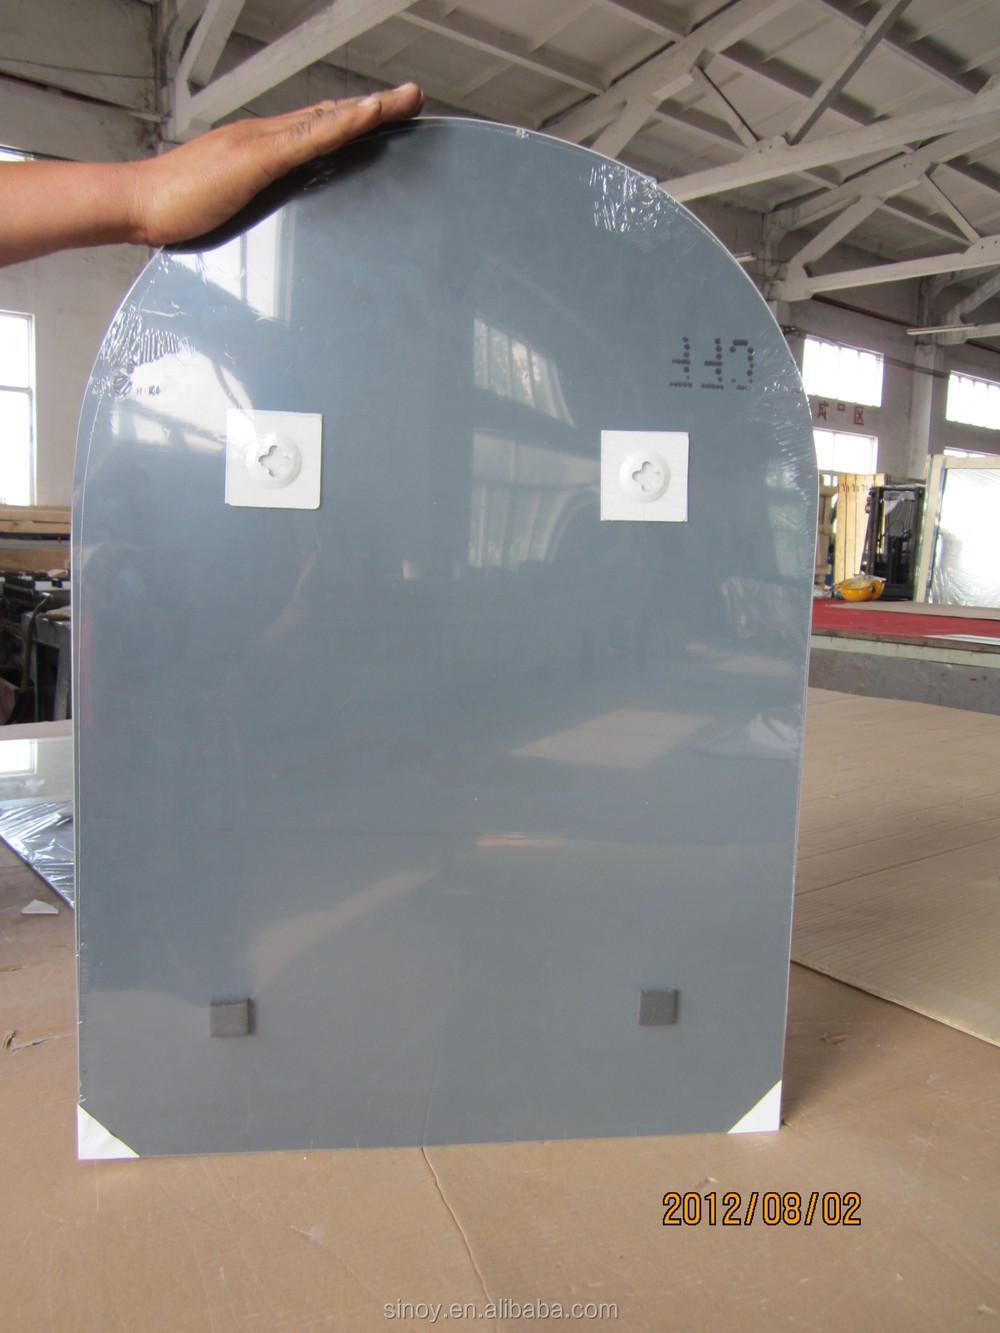 mm de espesor de de plata bao espejo x cm con el borde pulido borde